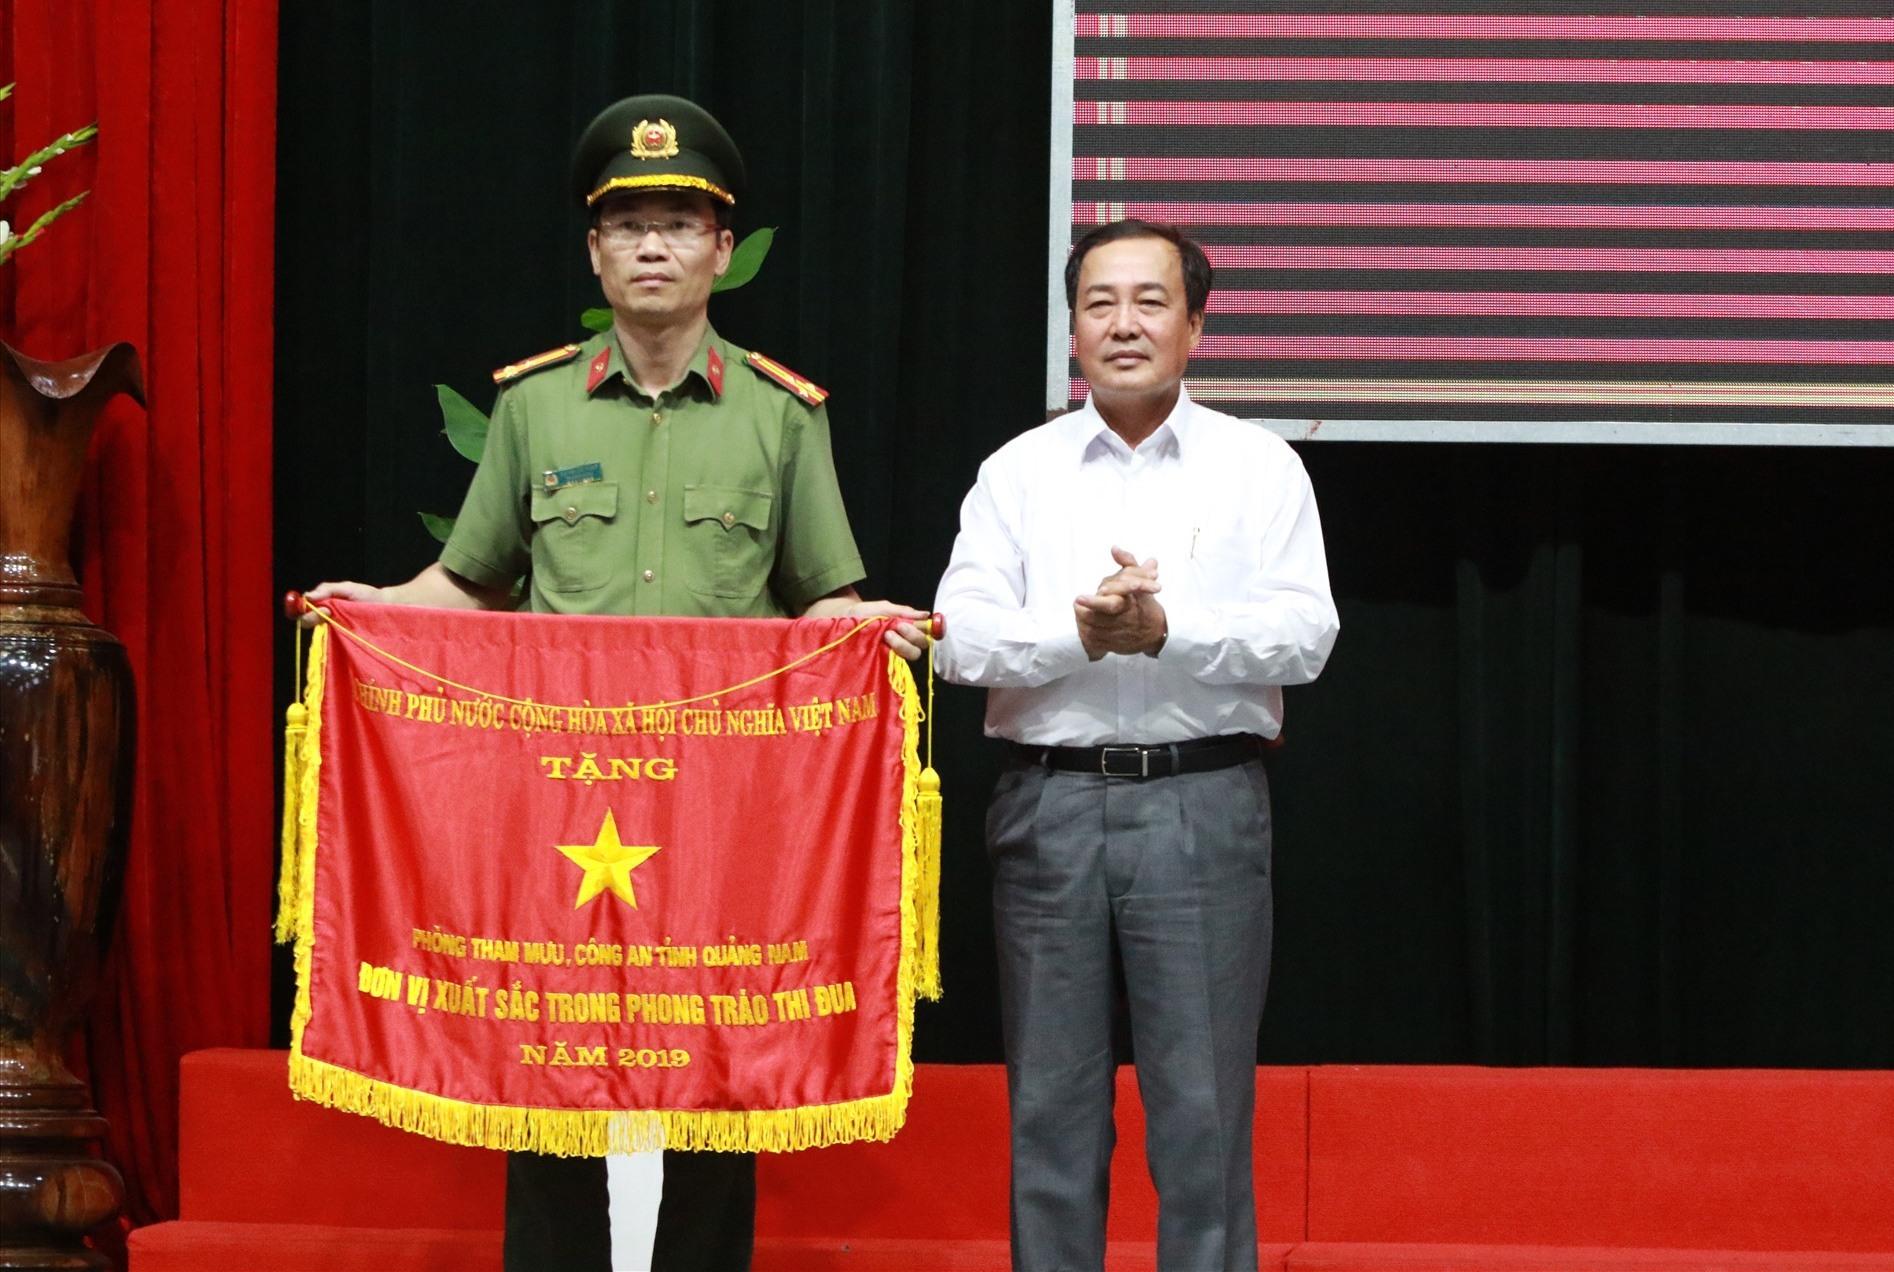 Phòng Tham mưu Công an tỉnh nhận cờ thi đua của Chính phủ nhờ thành tích xuất sắc trong năm công tác 2019. Ảnh: T.C